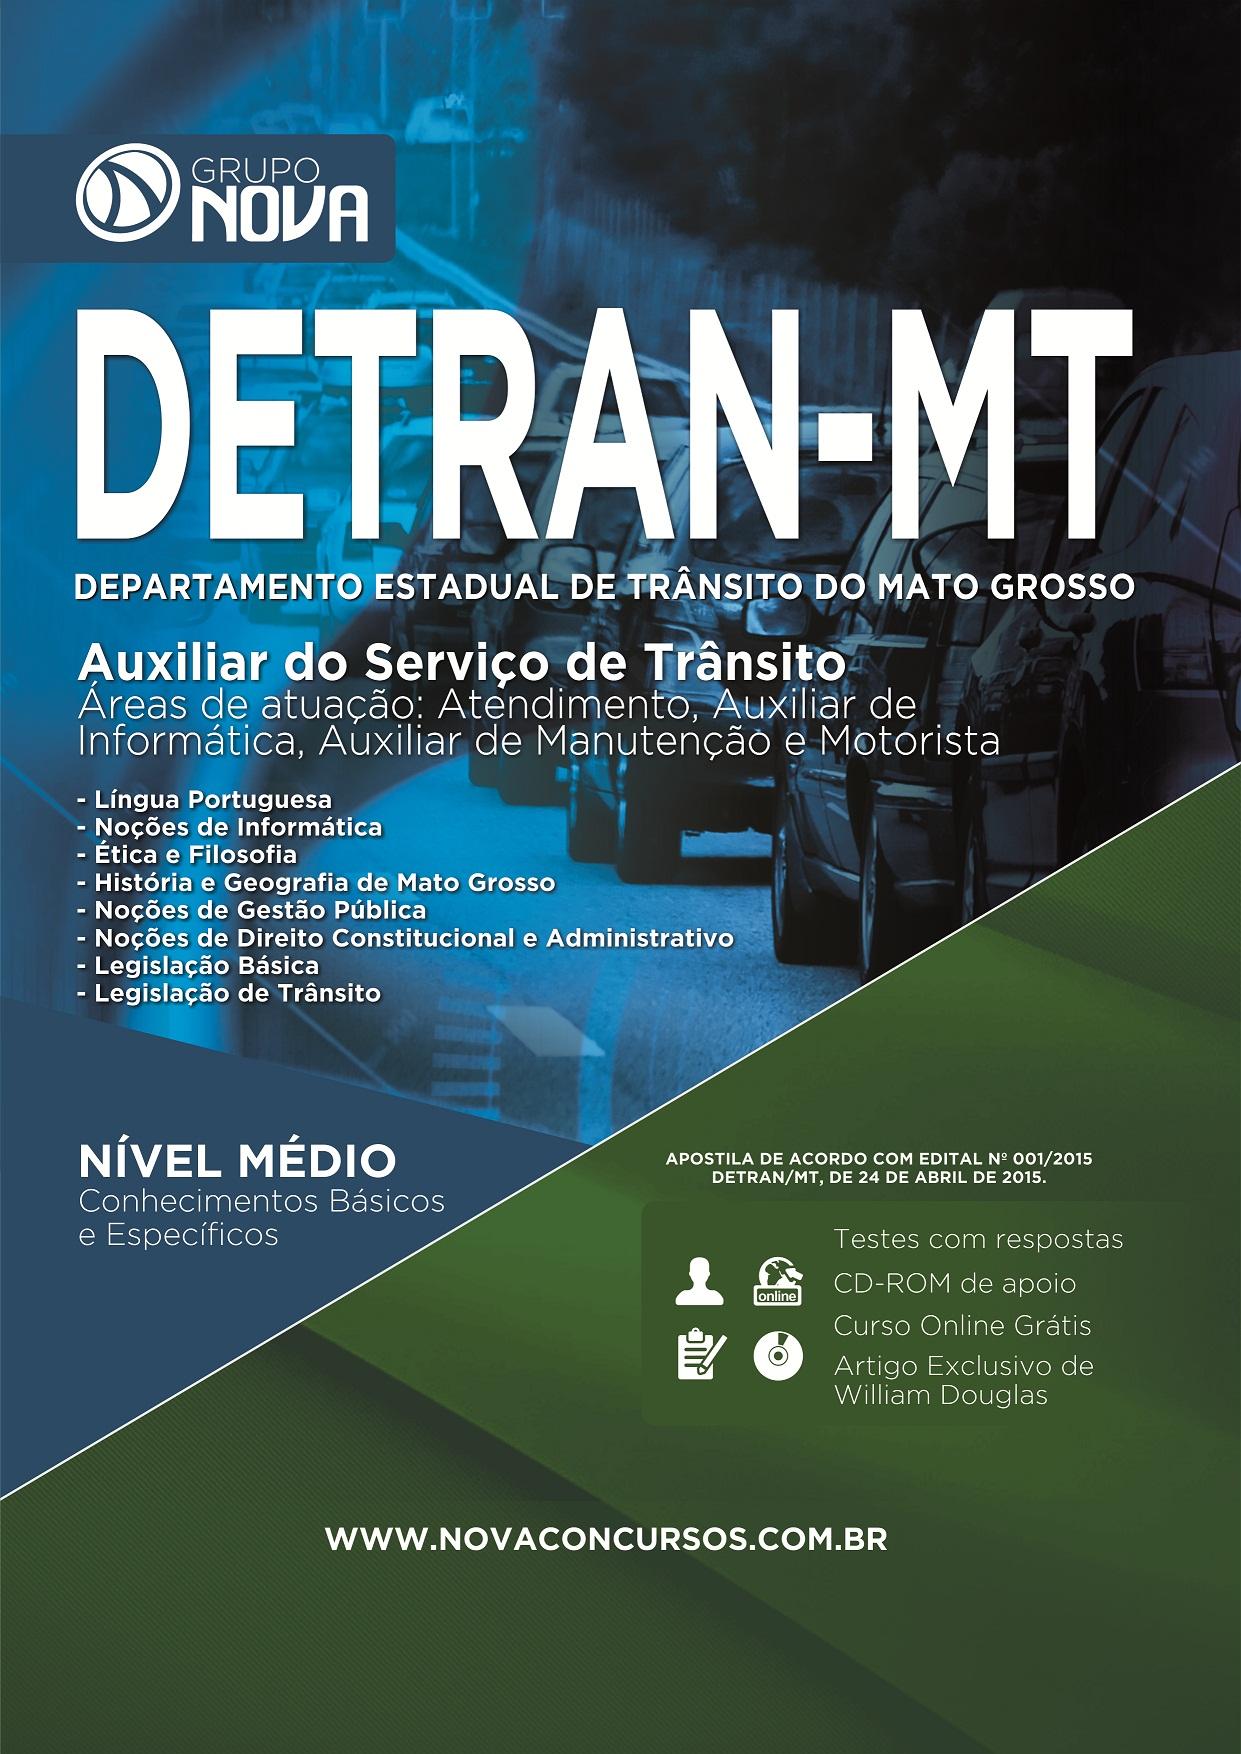 Auxiliar do Serviço de Trânsito - Detran MT ( Impressa )